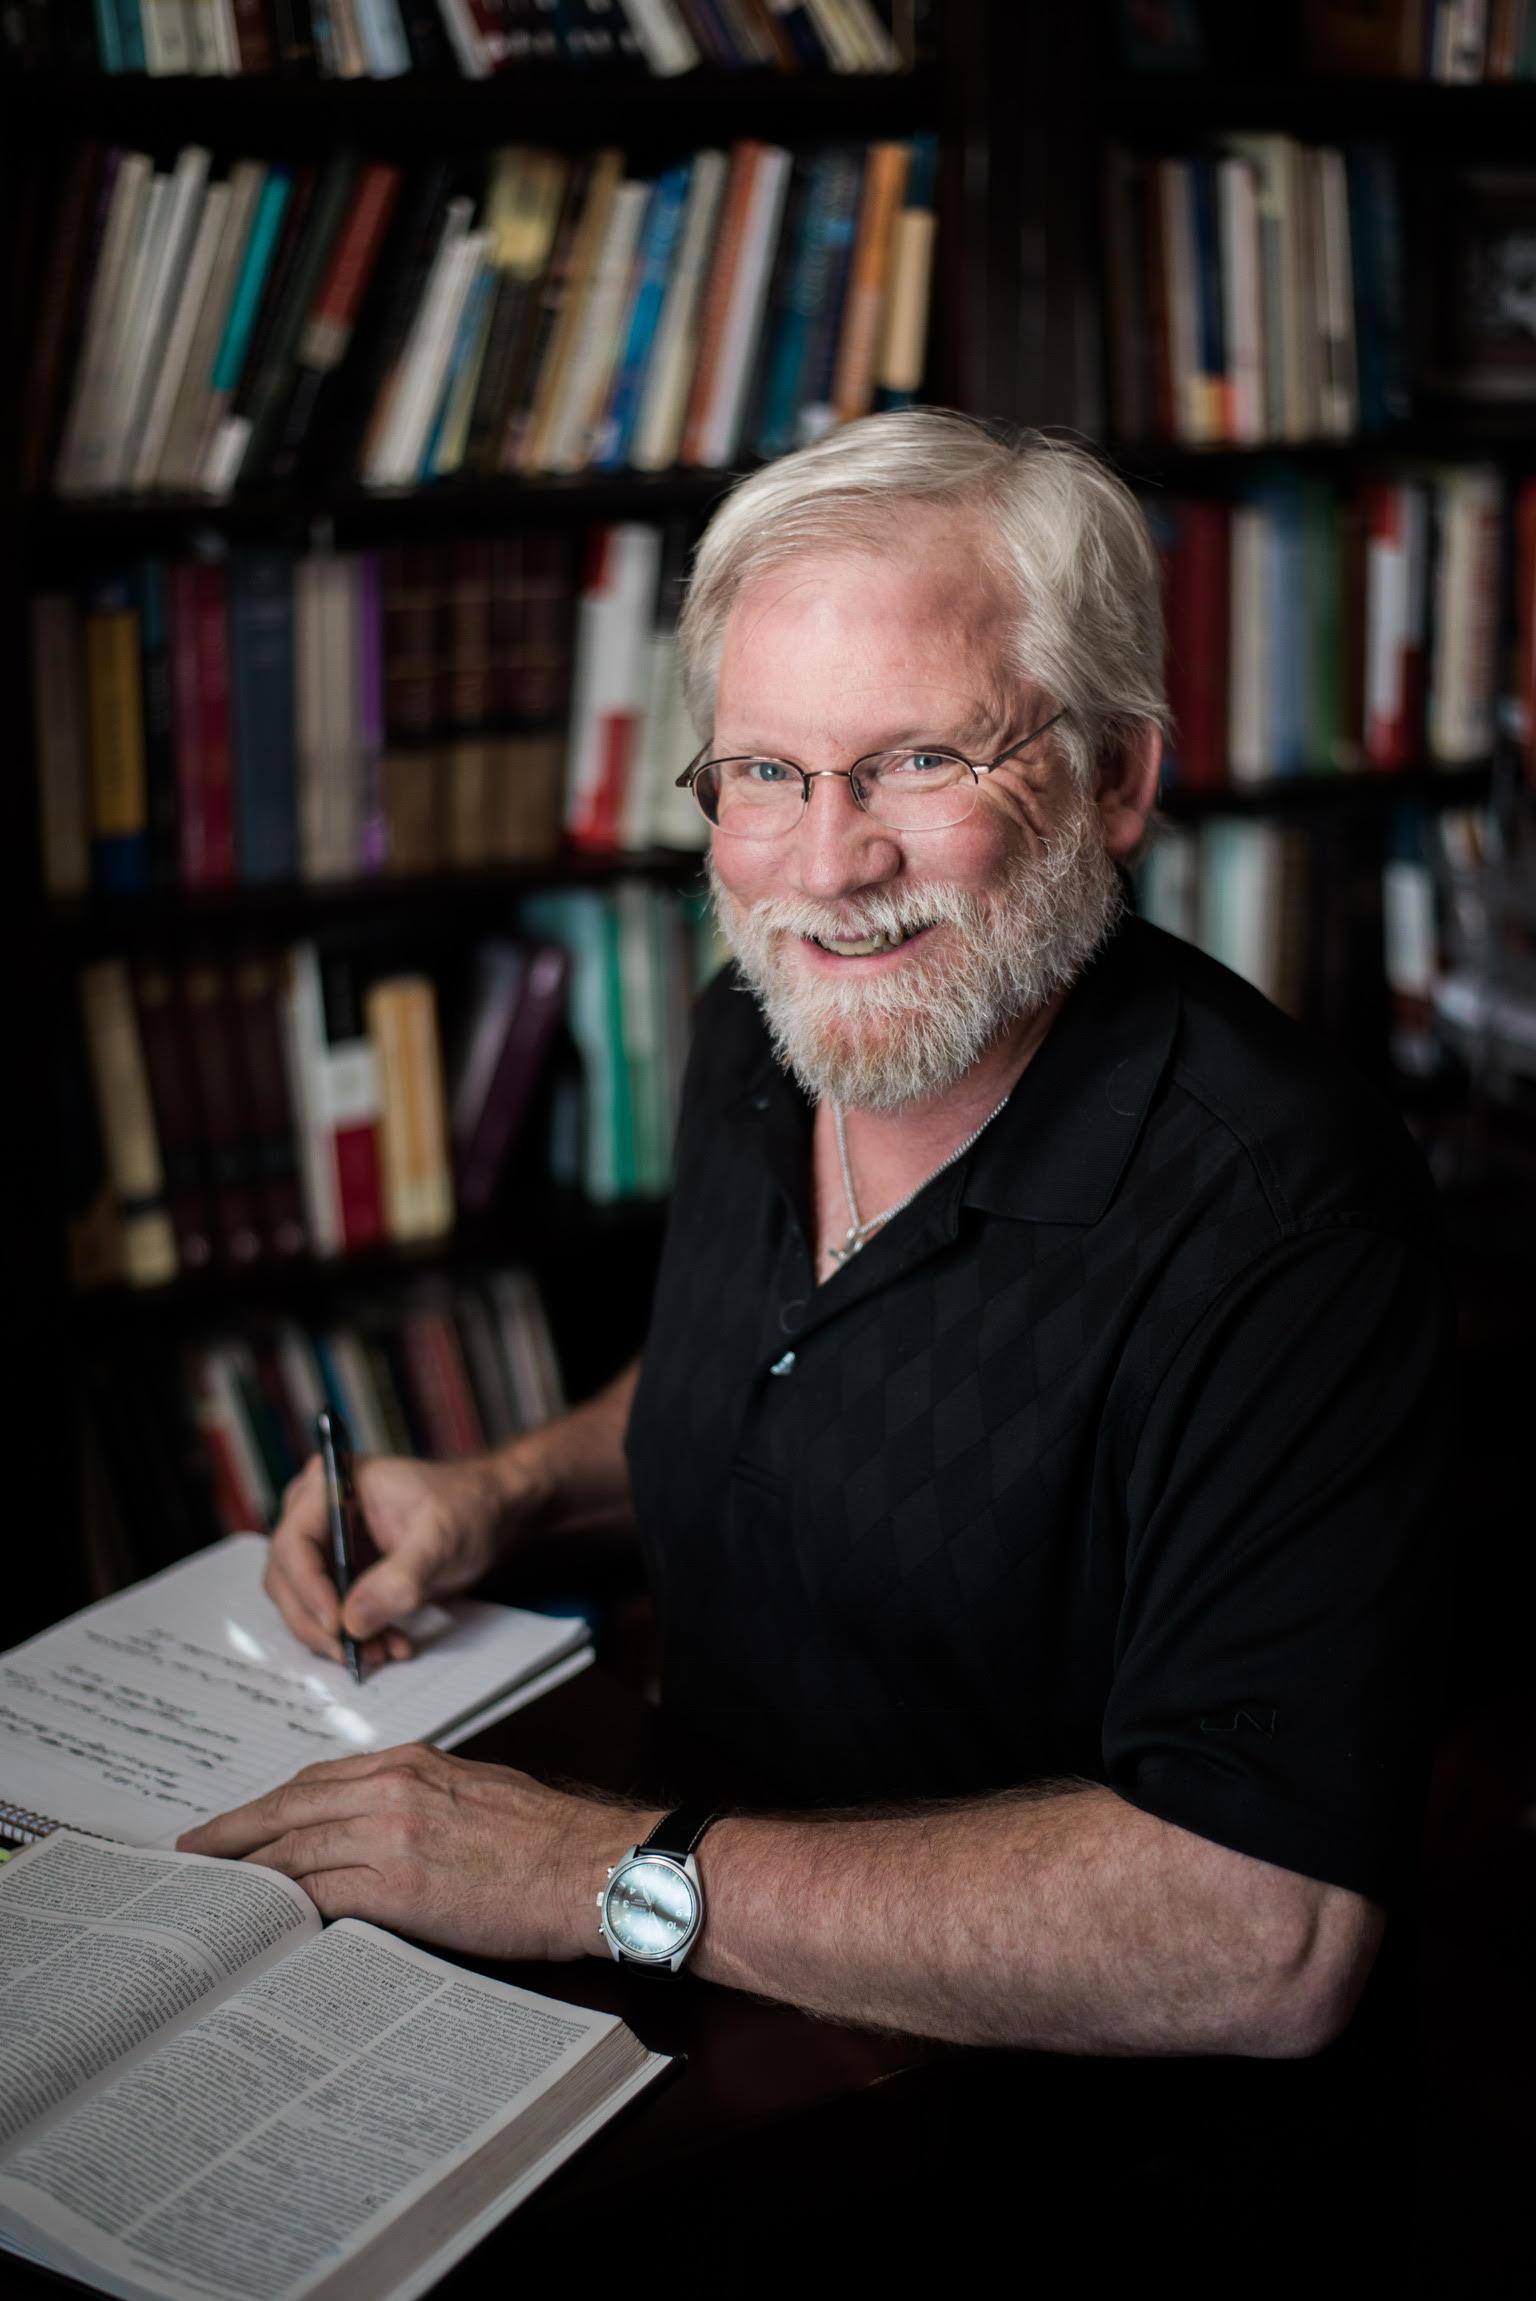 Glenn Pemberton